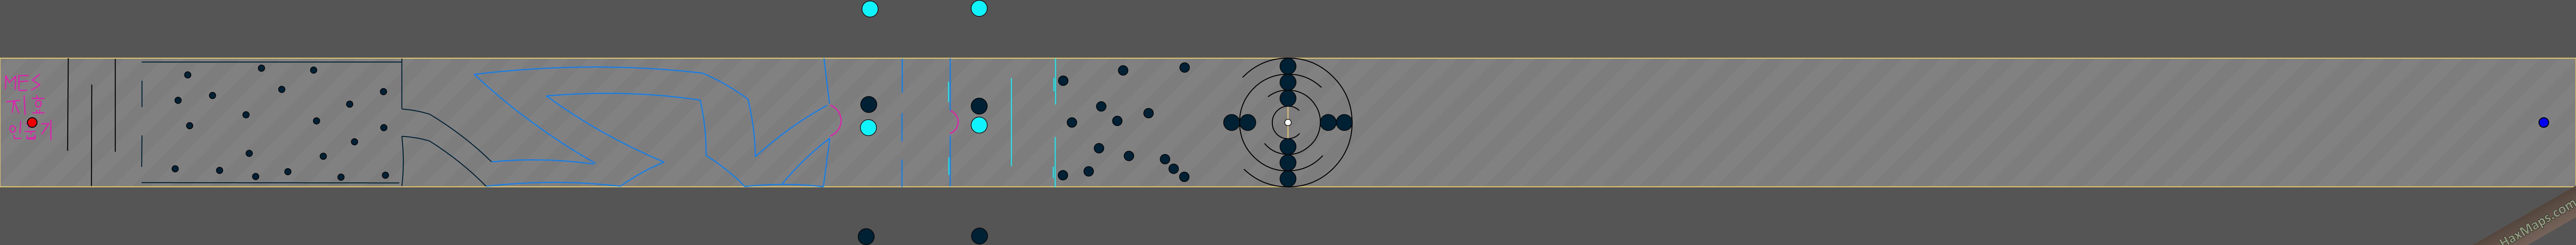 hax ball maps   Blues